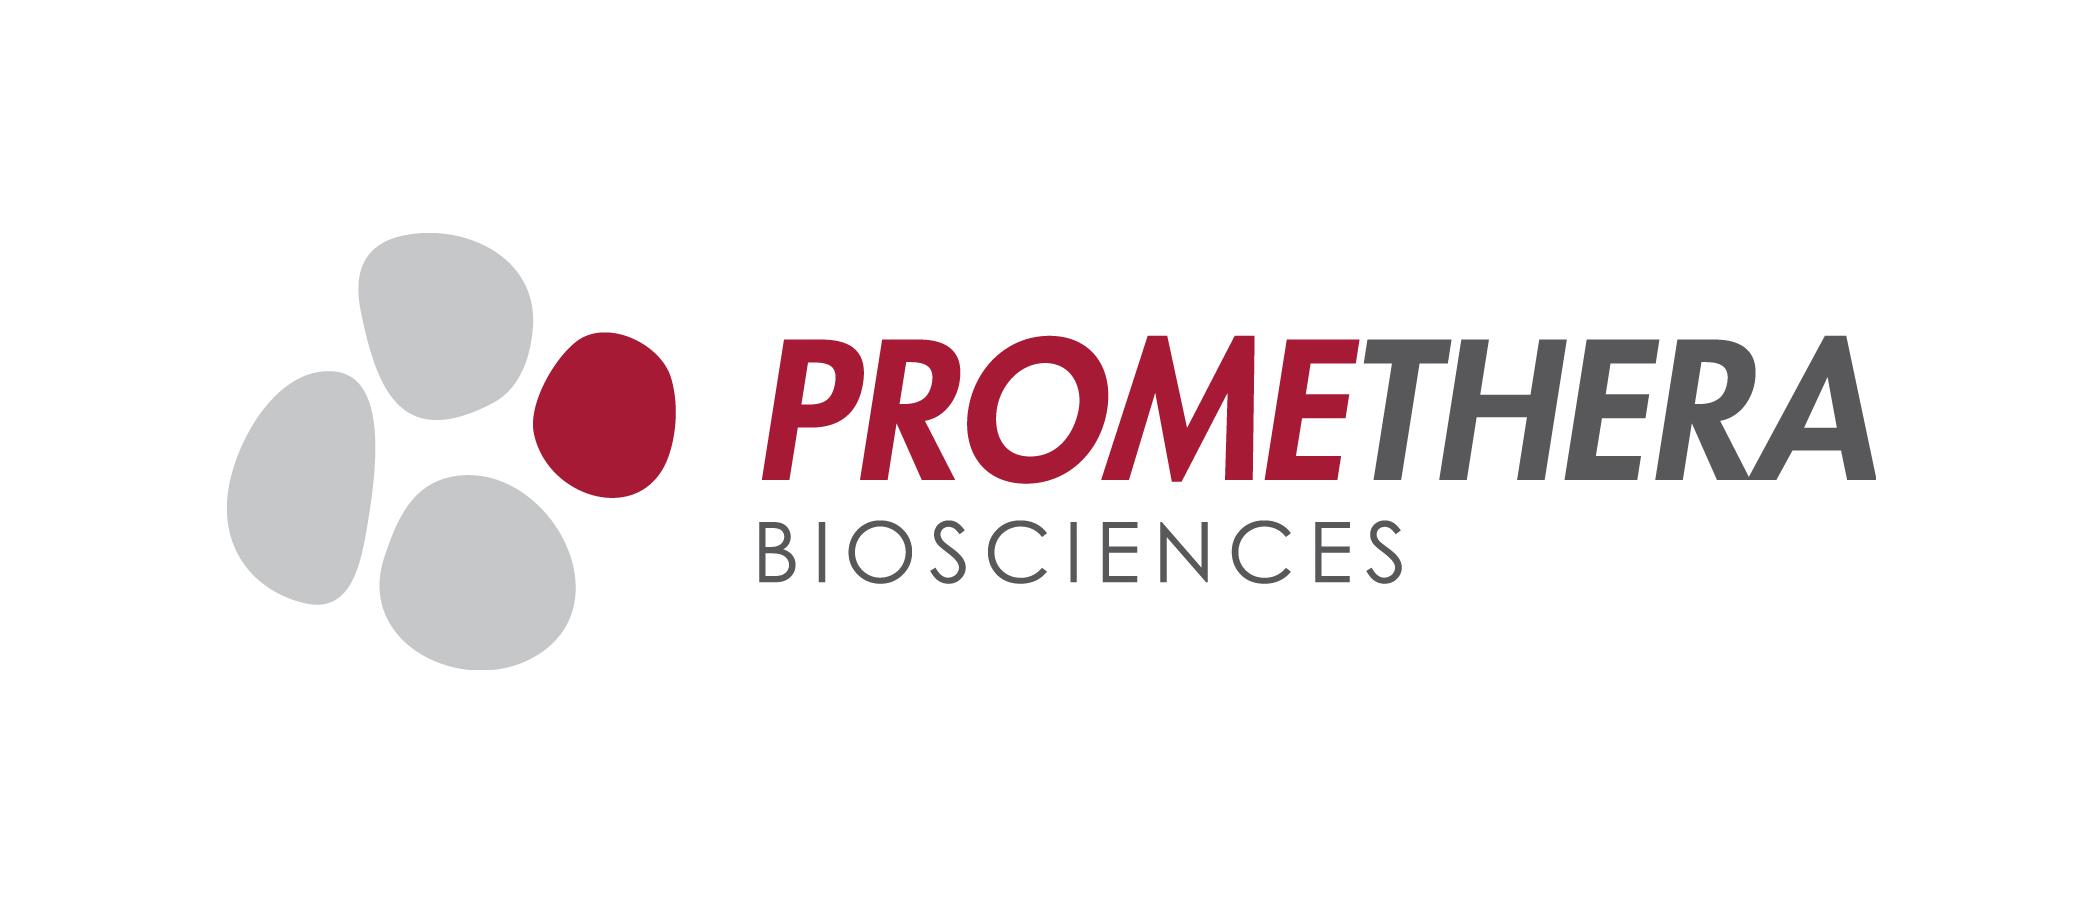 Promethera Biosciences company logo